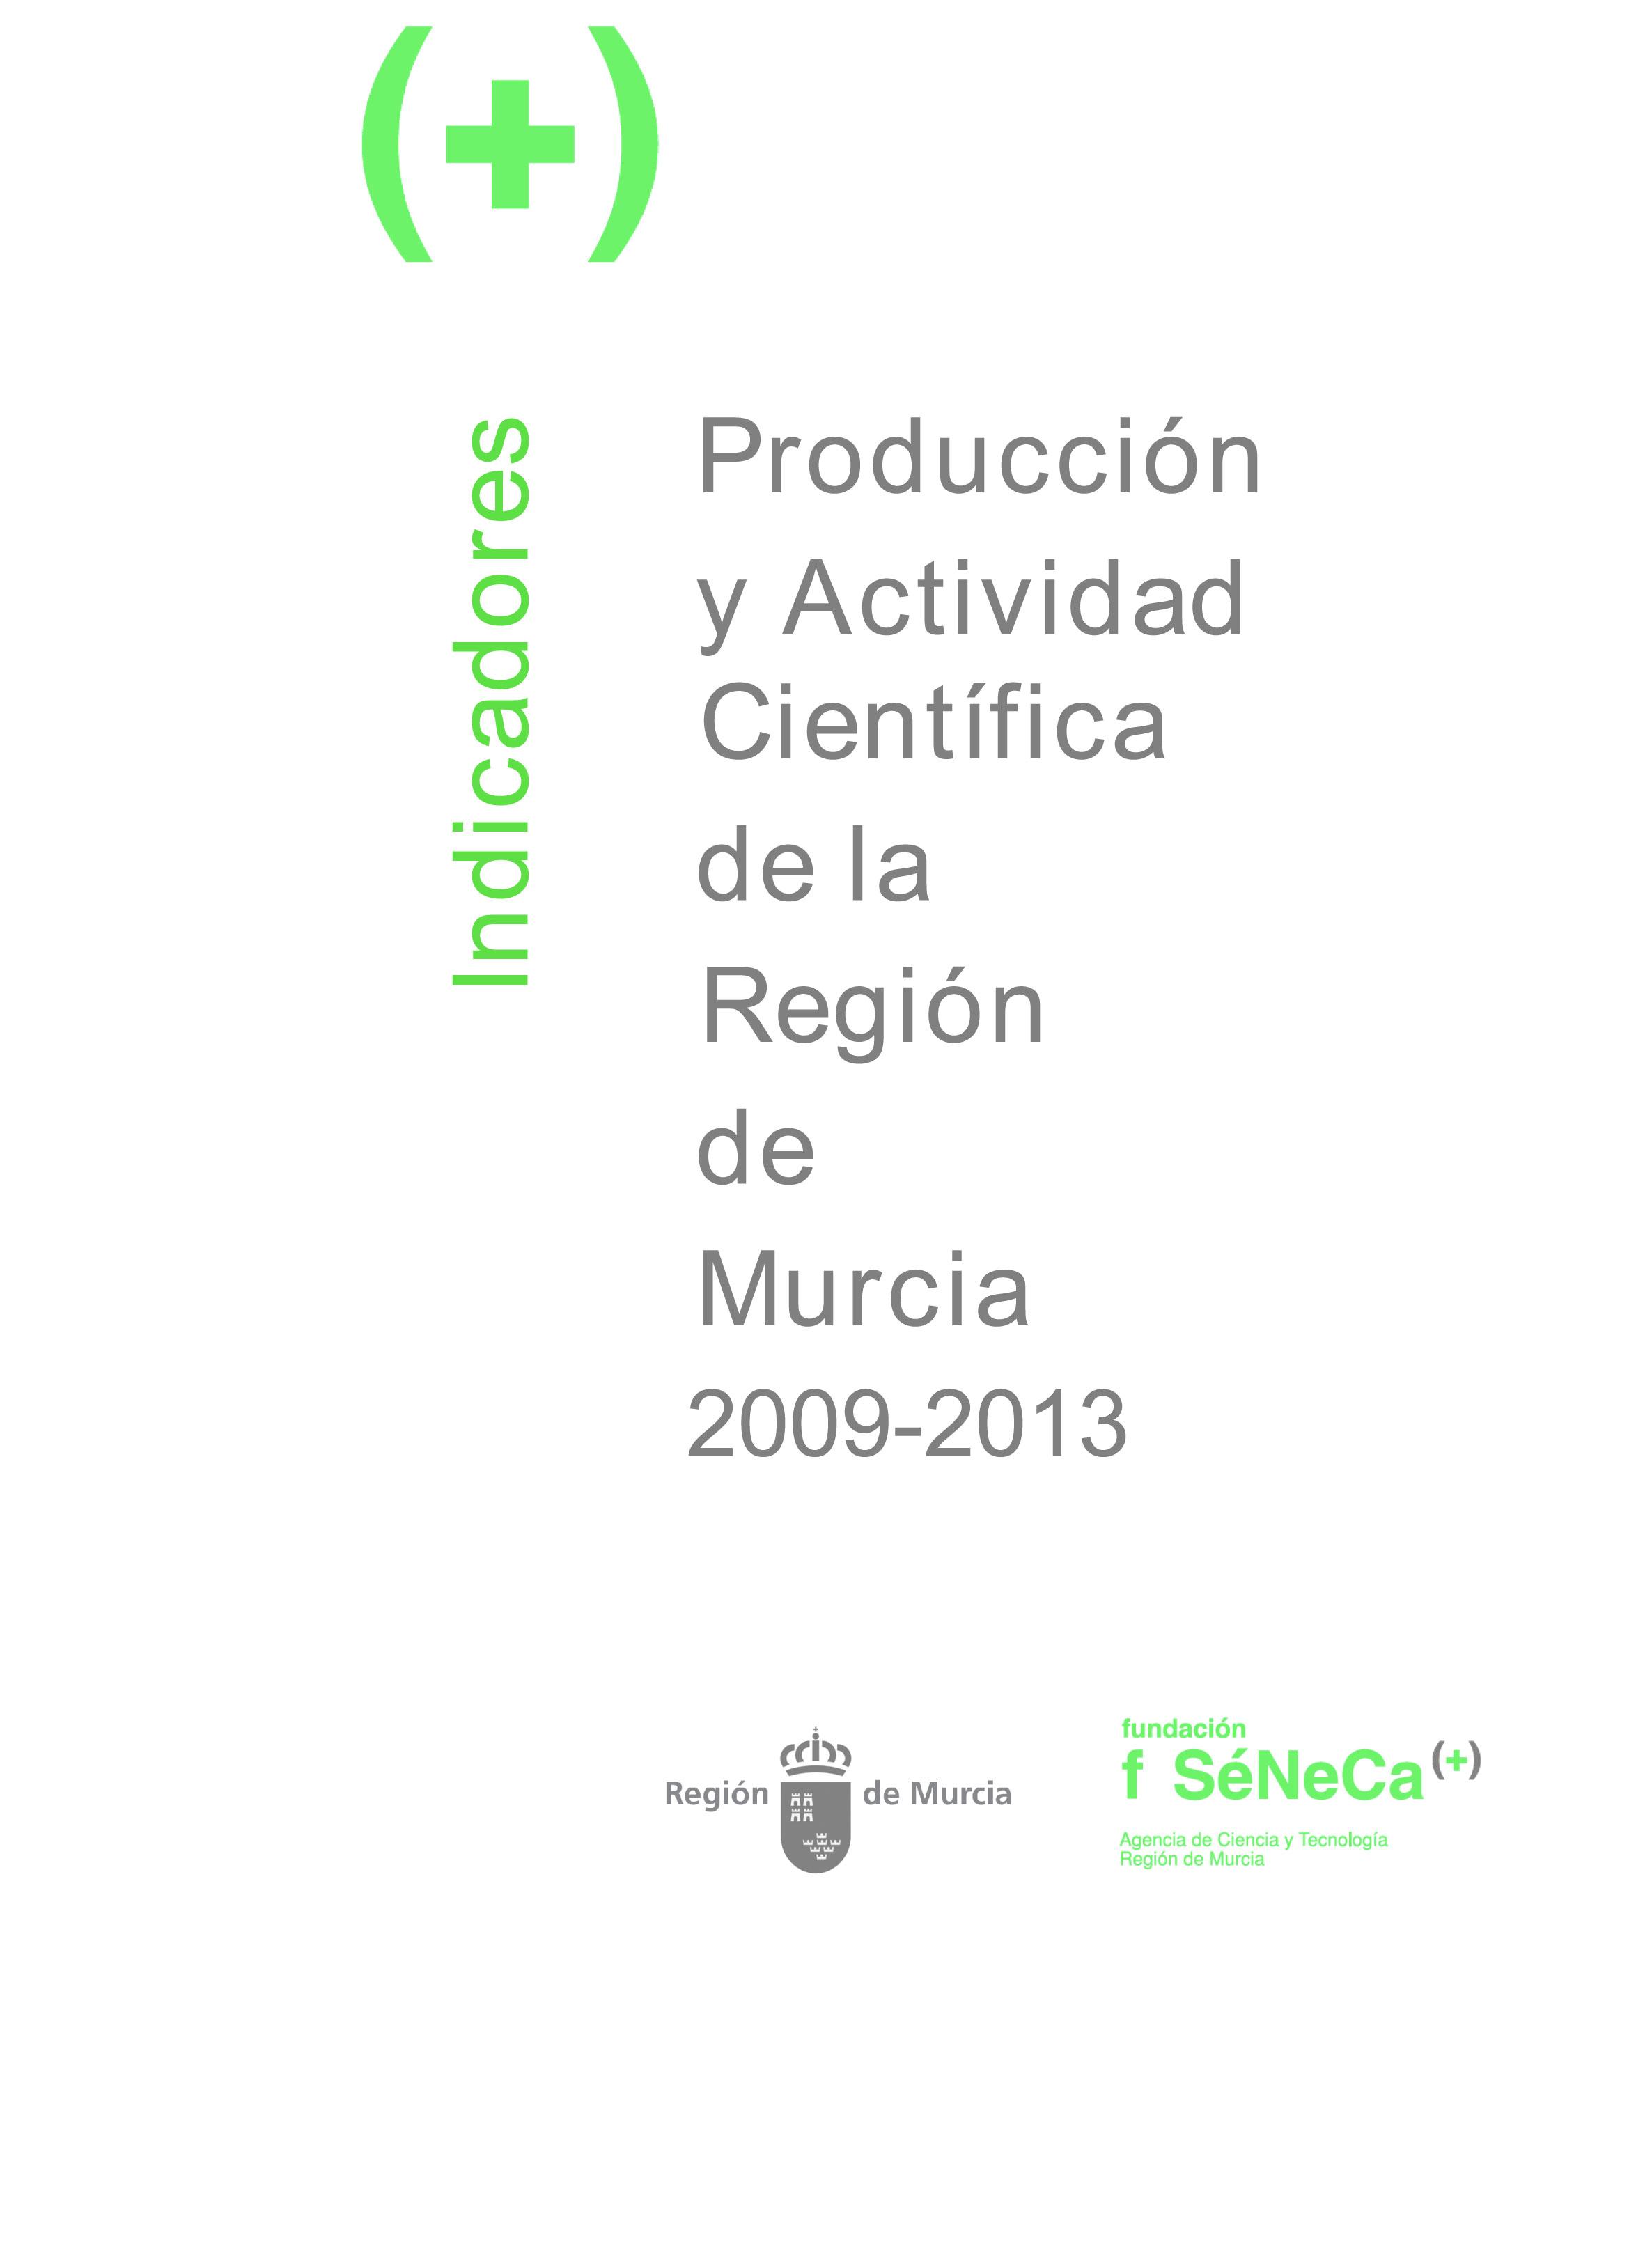 Indicadores de Producción y Actividad Científica de la Región de Murcia 2009-2013